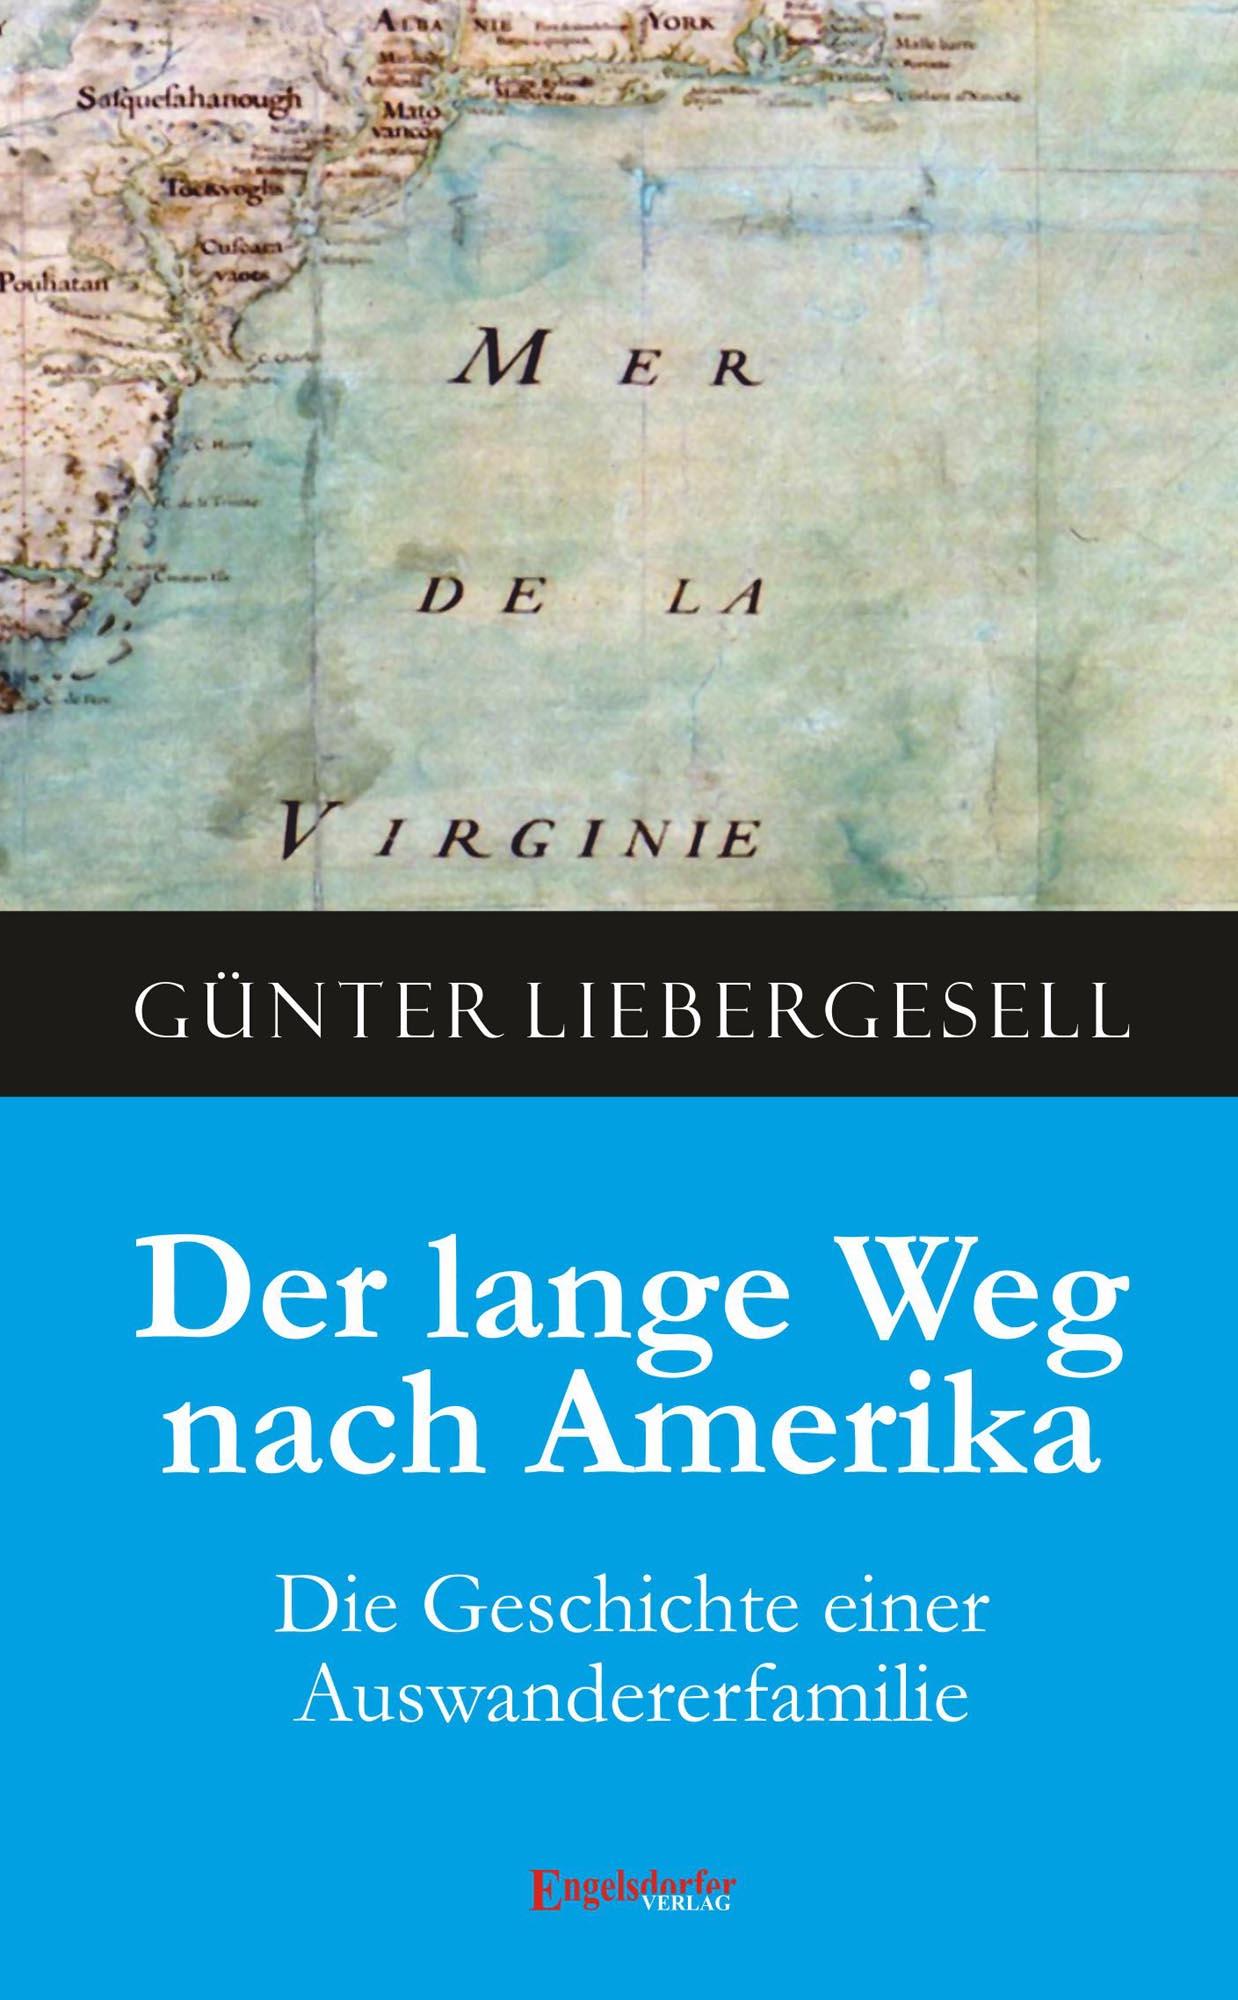 Der lange Weg nach Amerika Günter Liebergesell